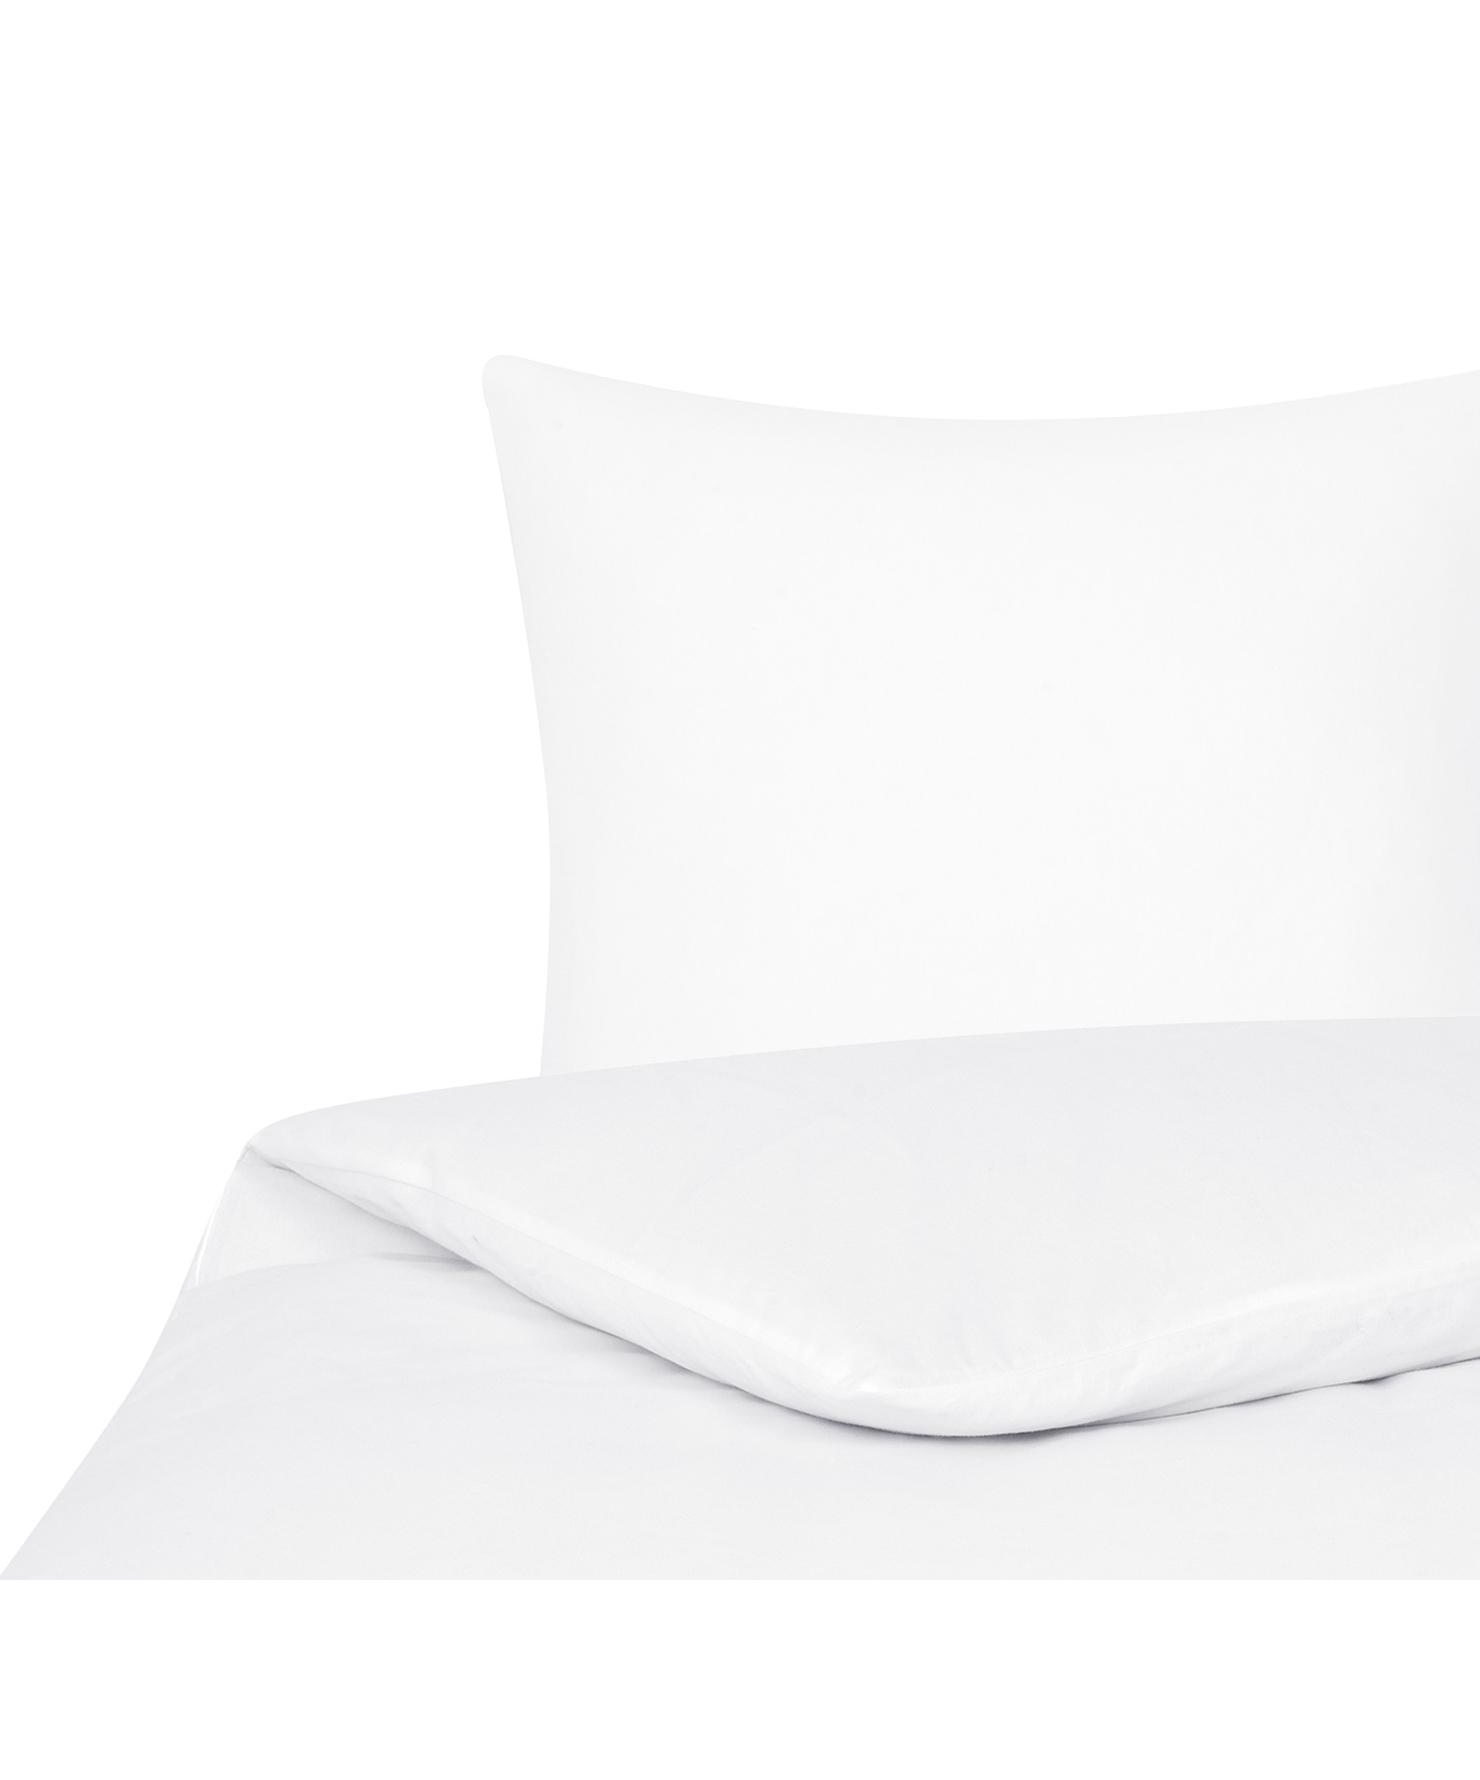 Flanell-Bettwäsche Biba in Weiß, Webart: Flanell Flanell ist ein s, Weiß, 135 x 200 cm + 1 Kissen 80 x 80 cm